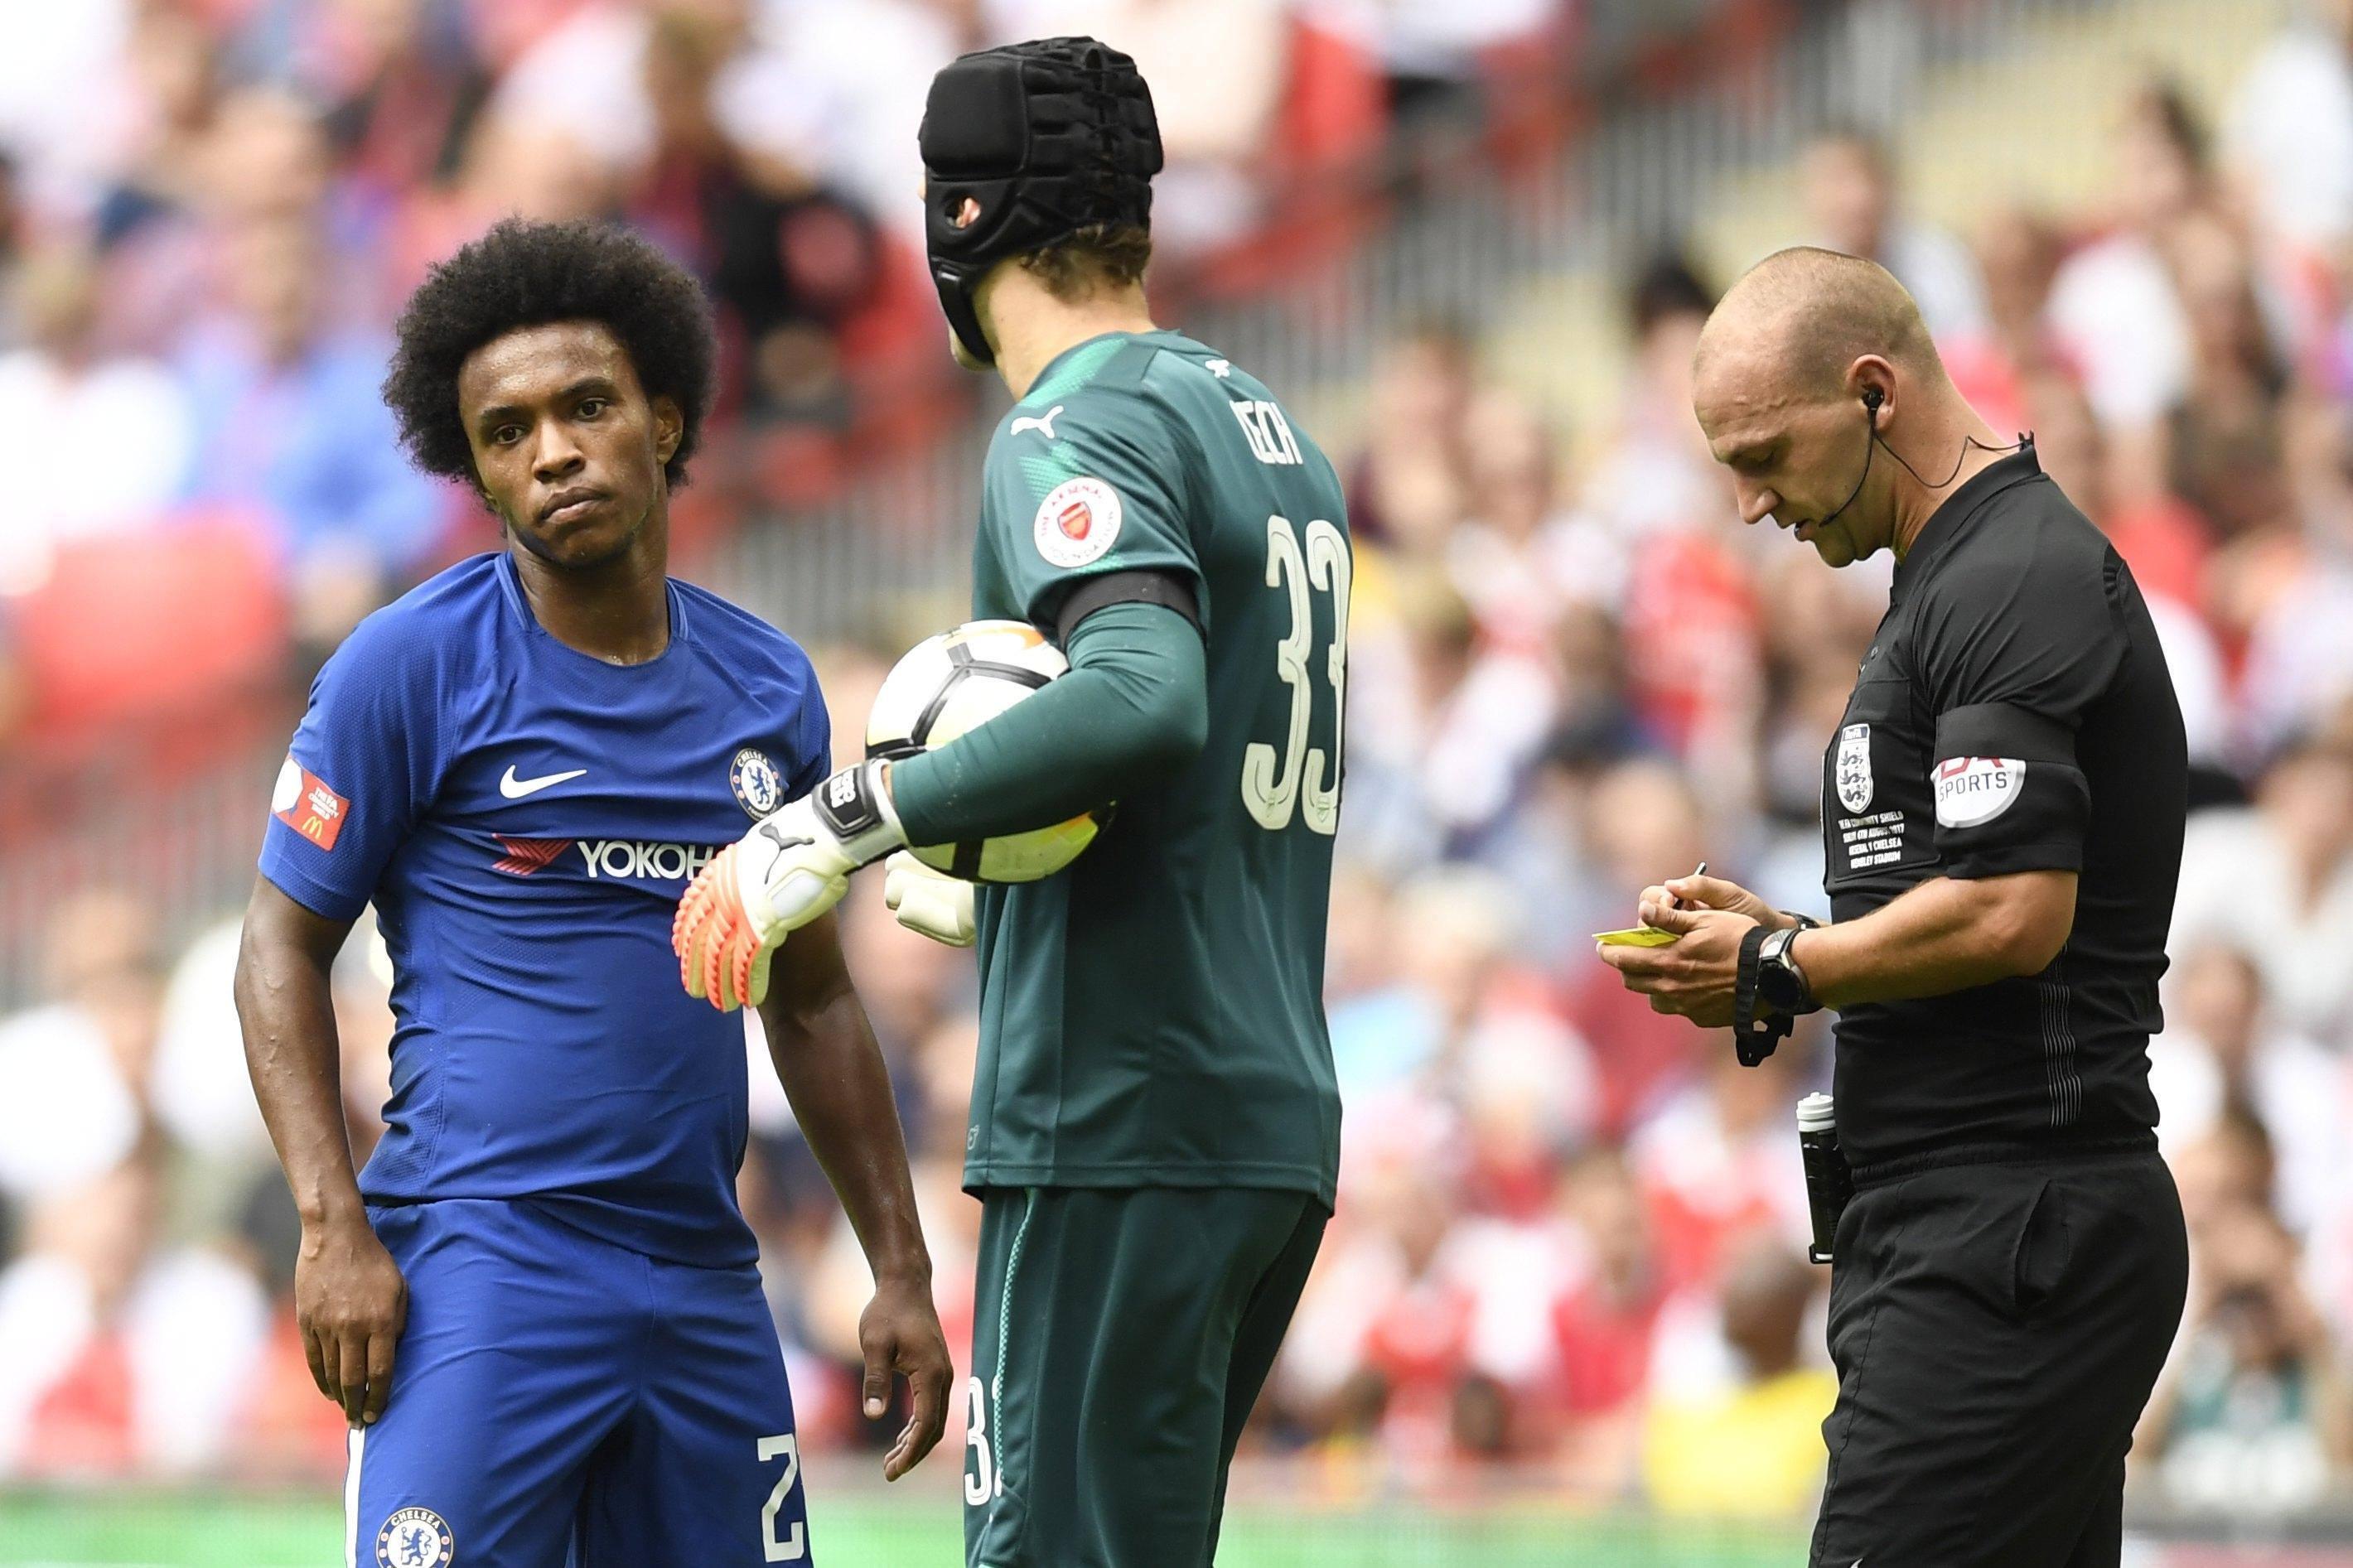 Arsenal Leicester: probabili formazioni, dove vederla in diretta TV e in streaming